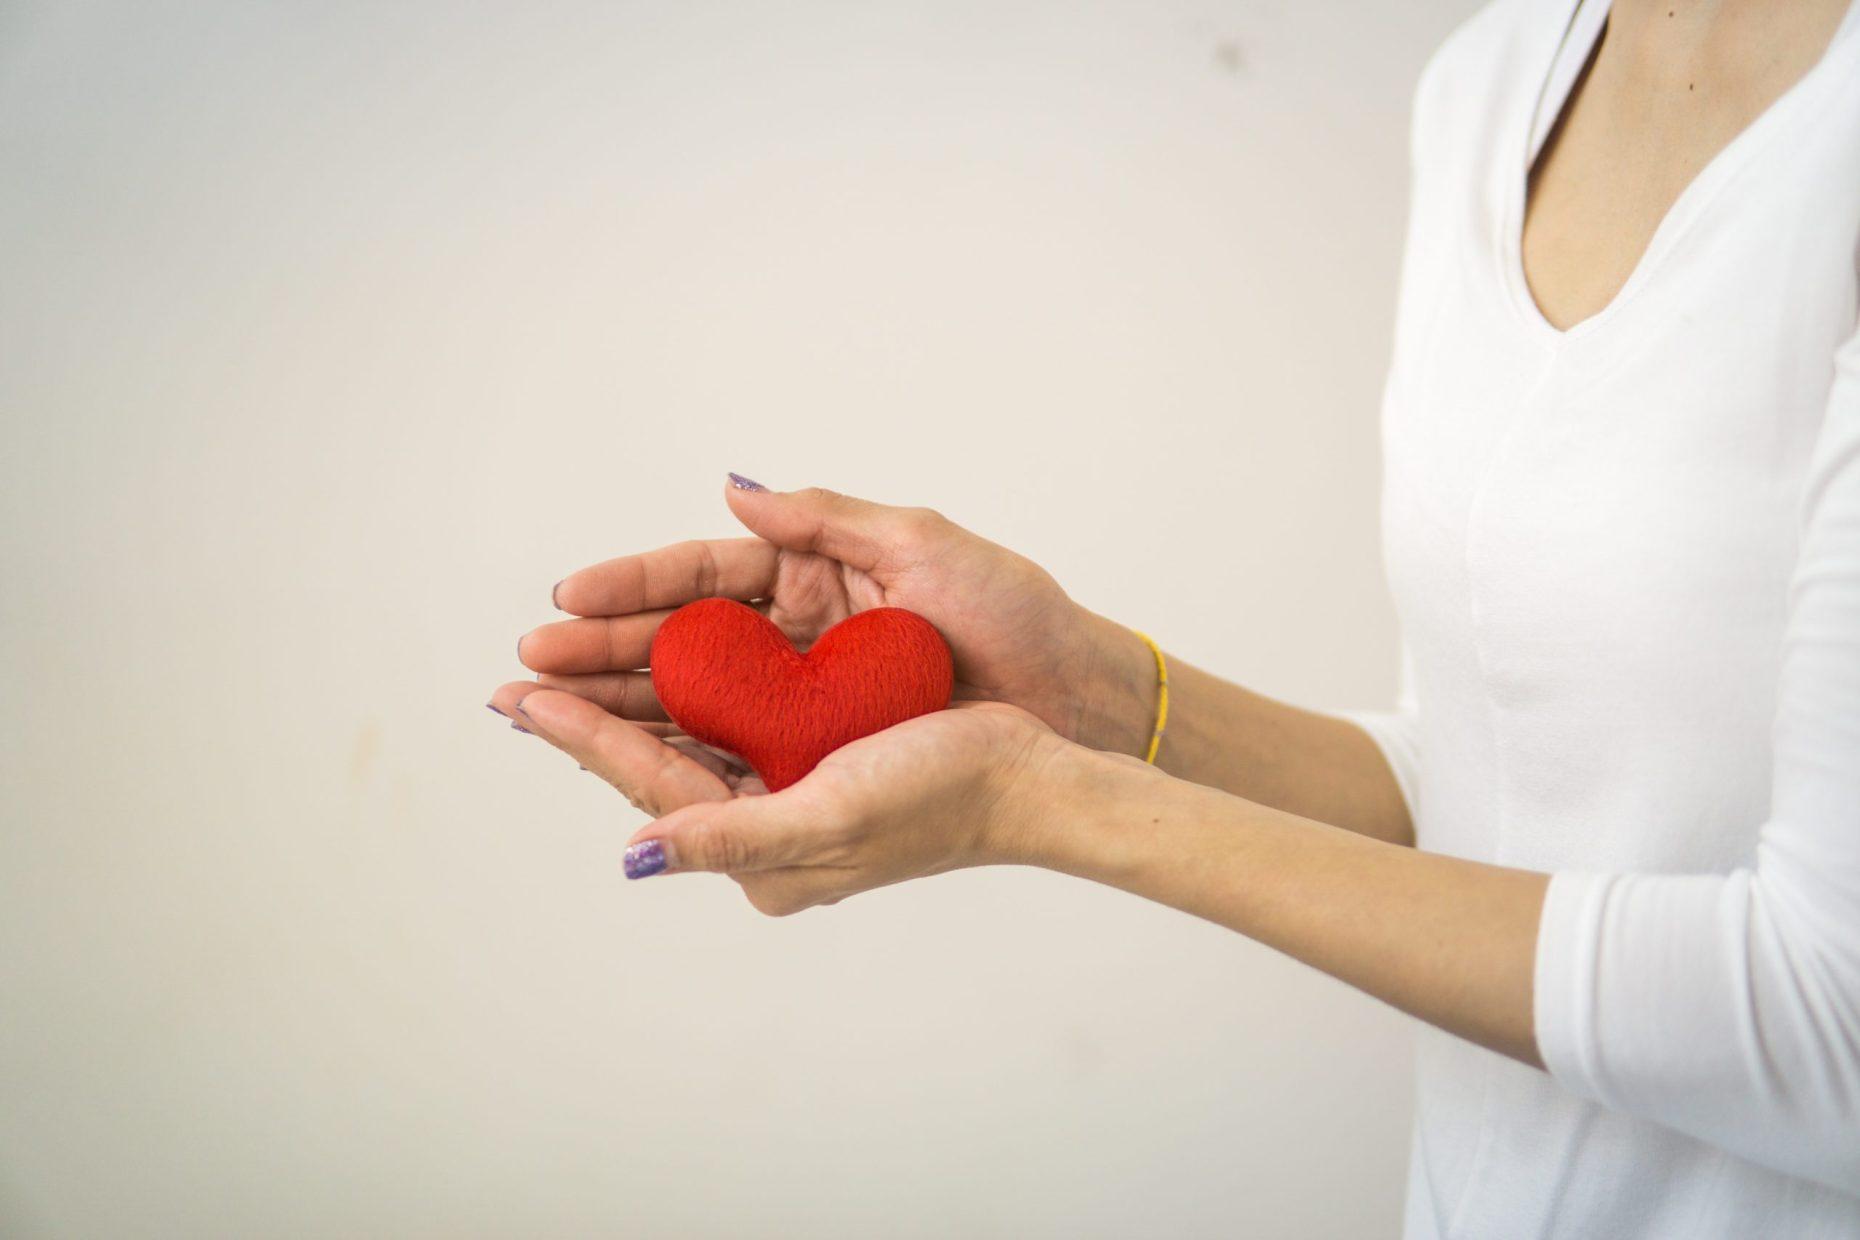 Frau mit weißem Oberteil hält ein rotes Herz aus Stoff in ihren Händen.